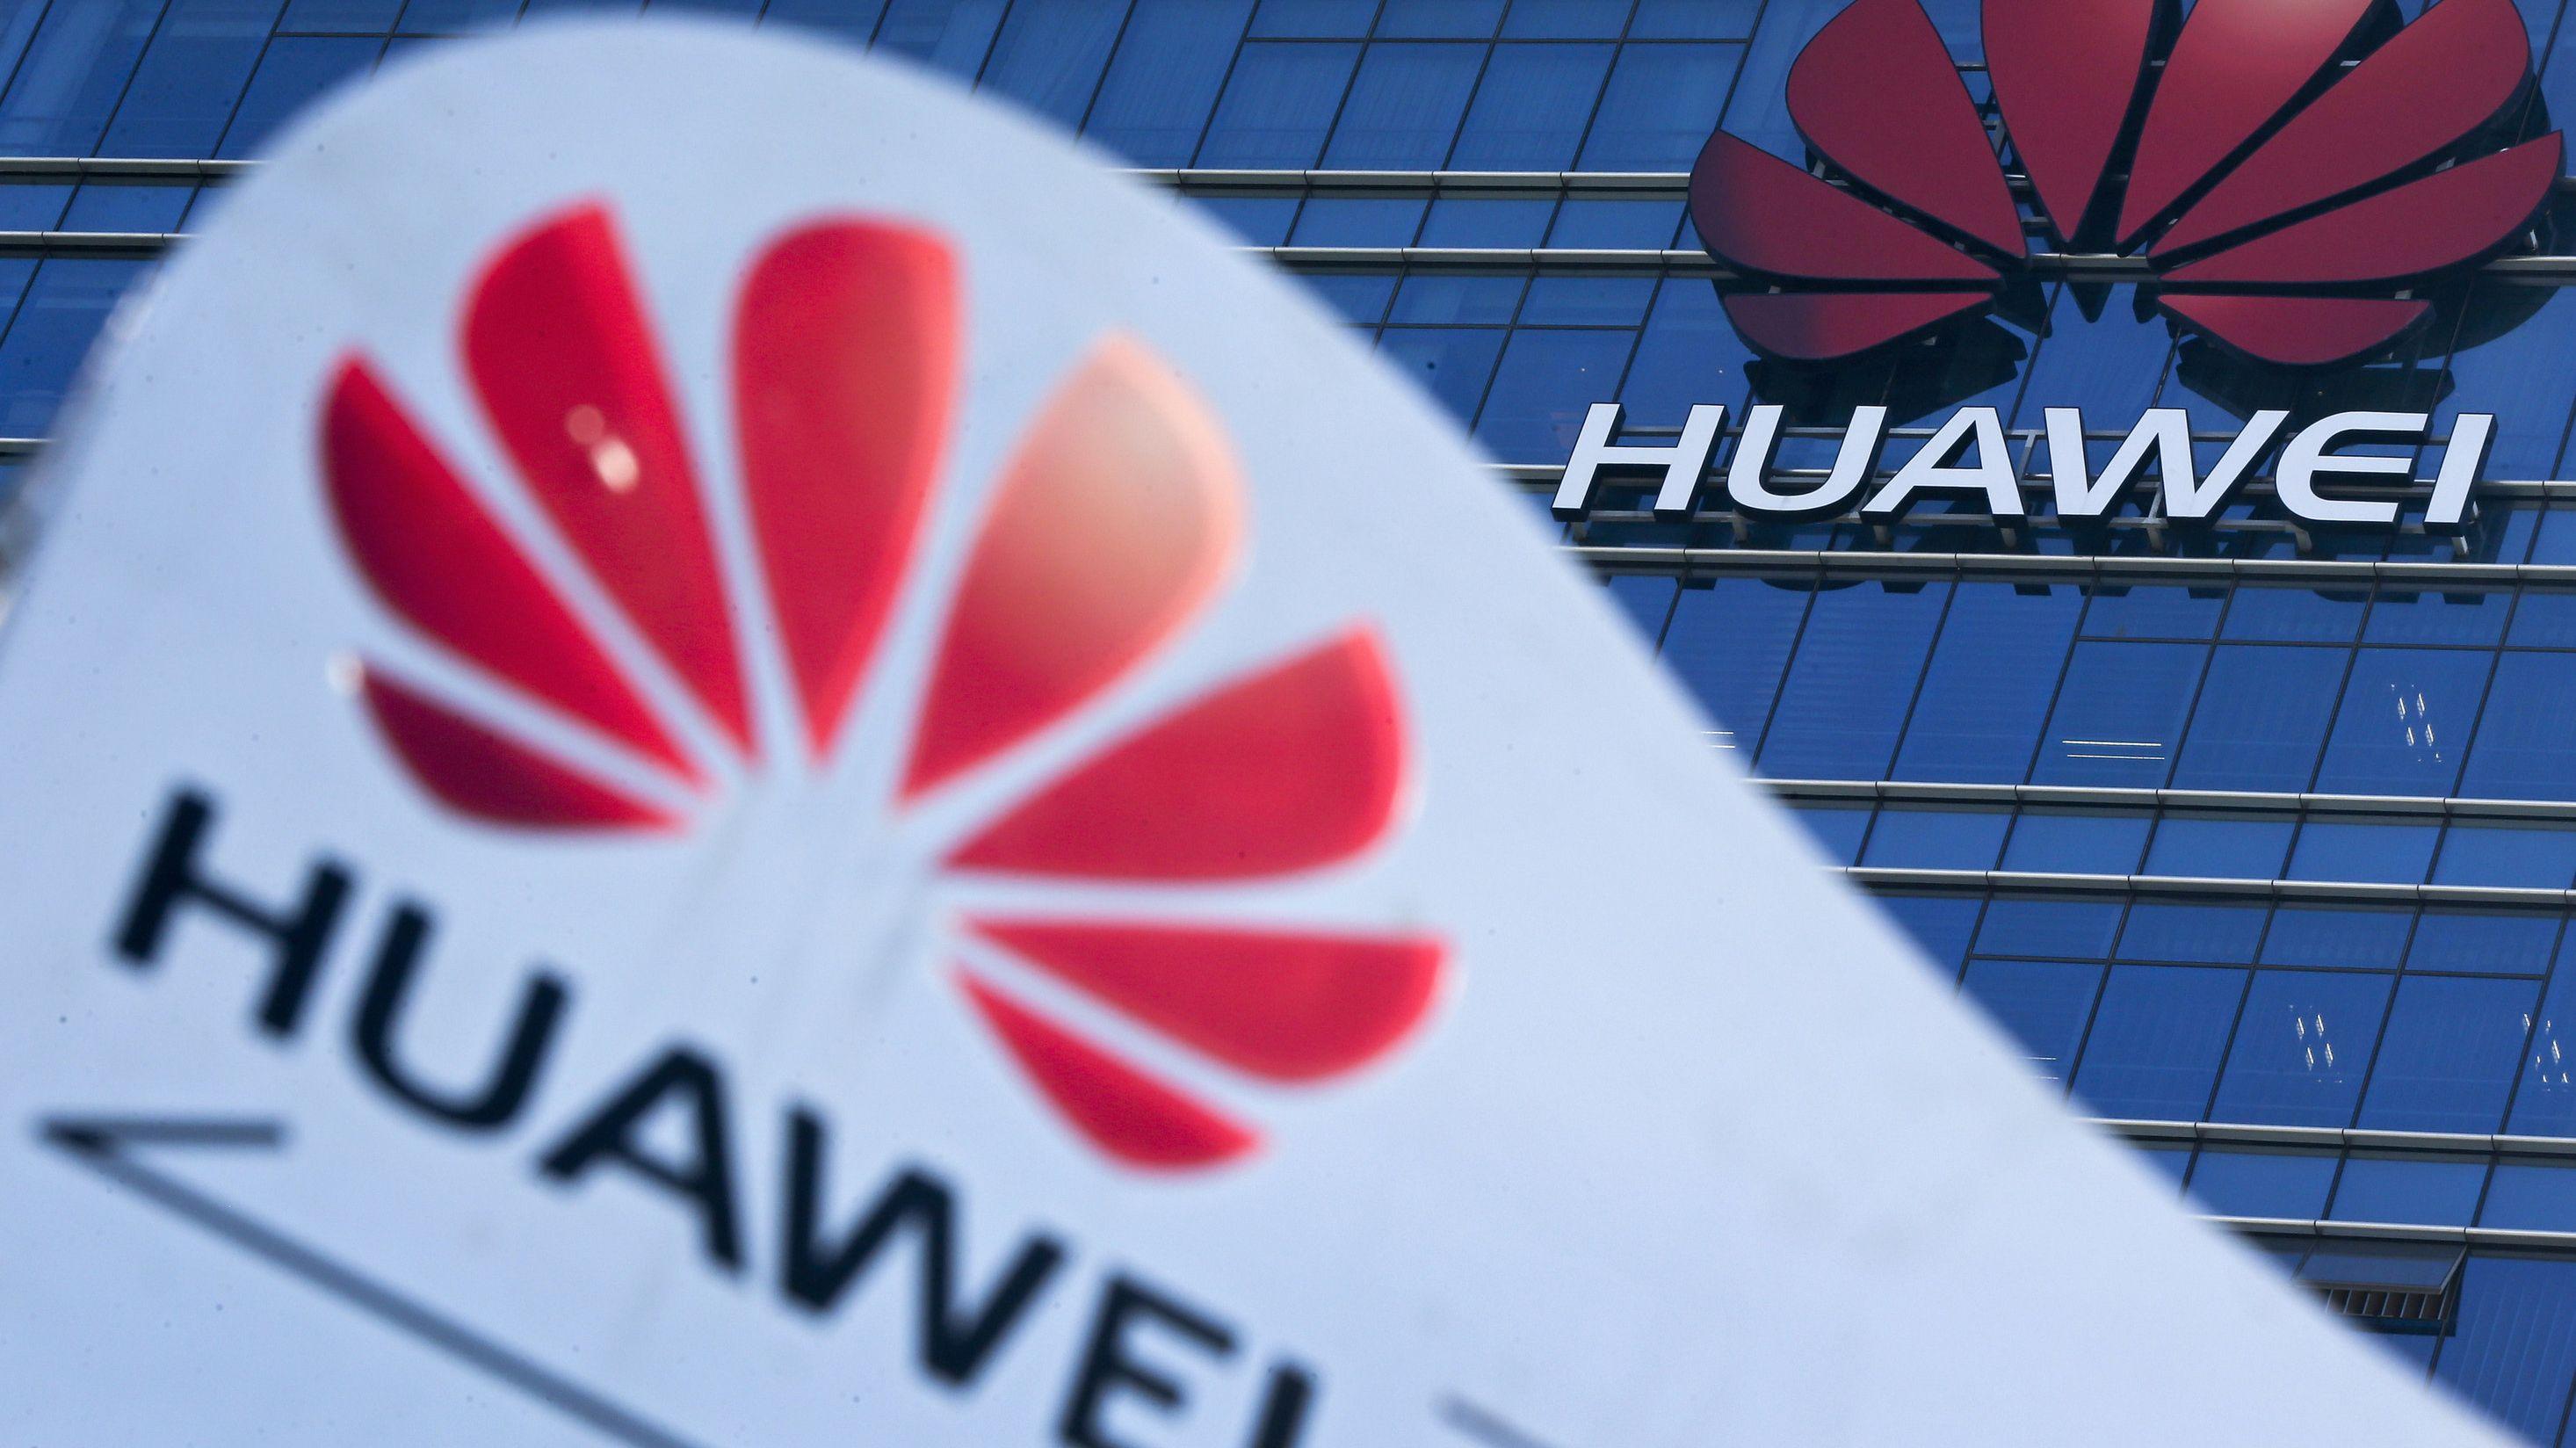 Das Huawei-Logo ist vor und auf dem Forschungs- und Entwicklungszentrum des Konzerns in Dongguan / China zu sehen.